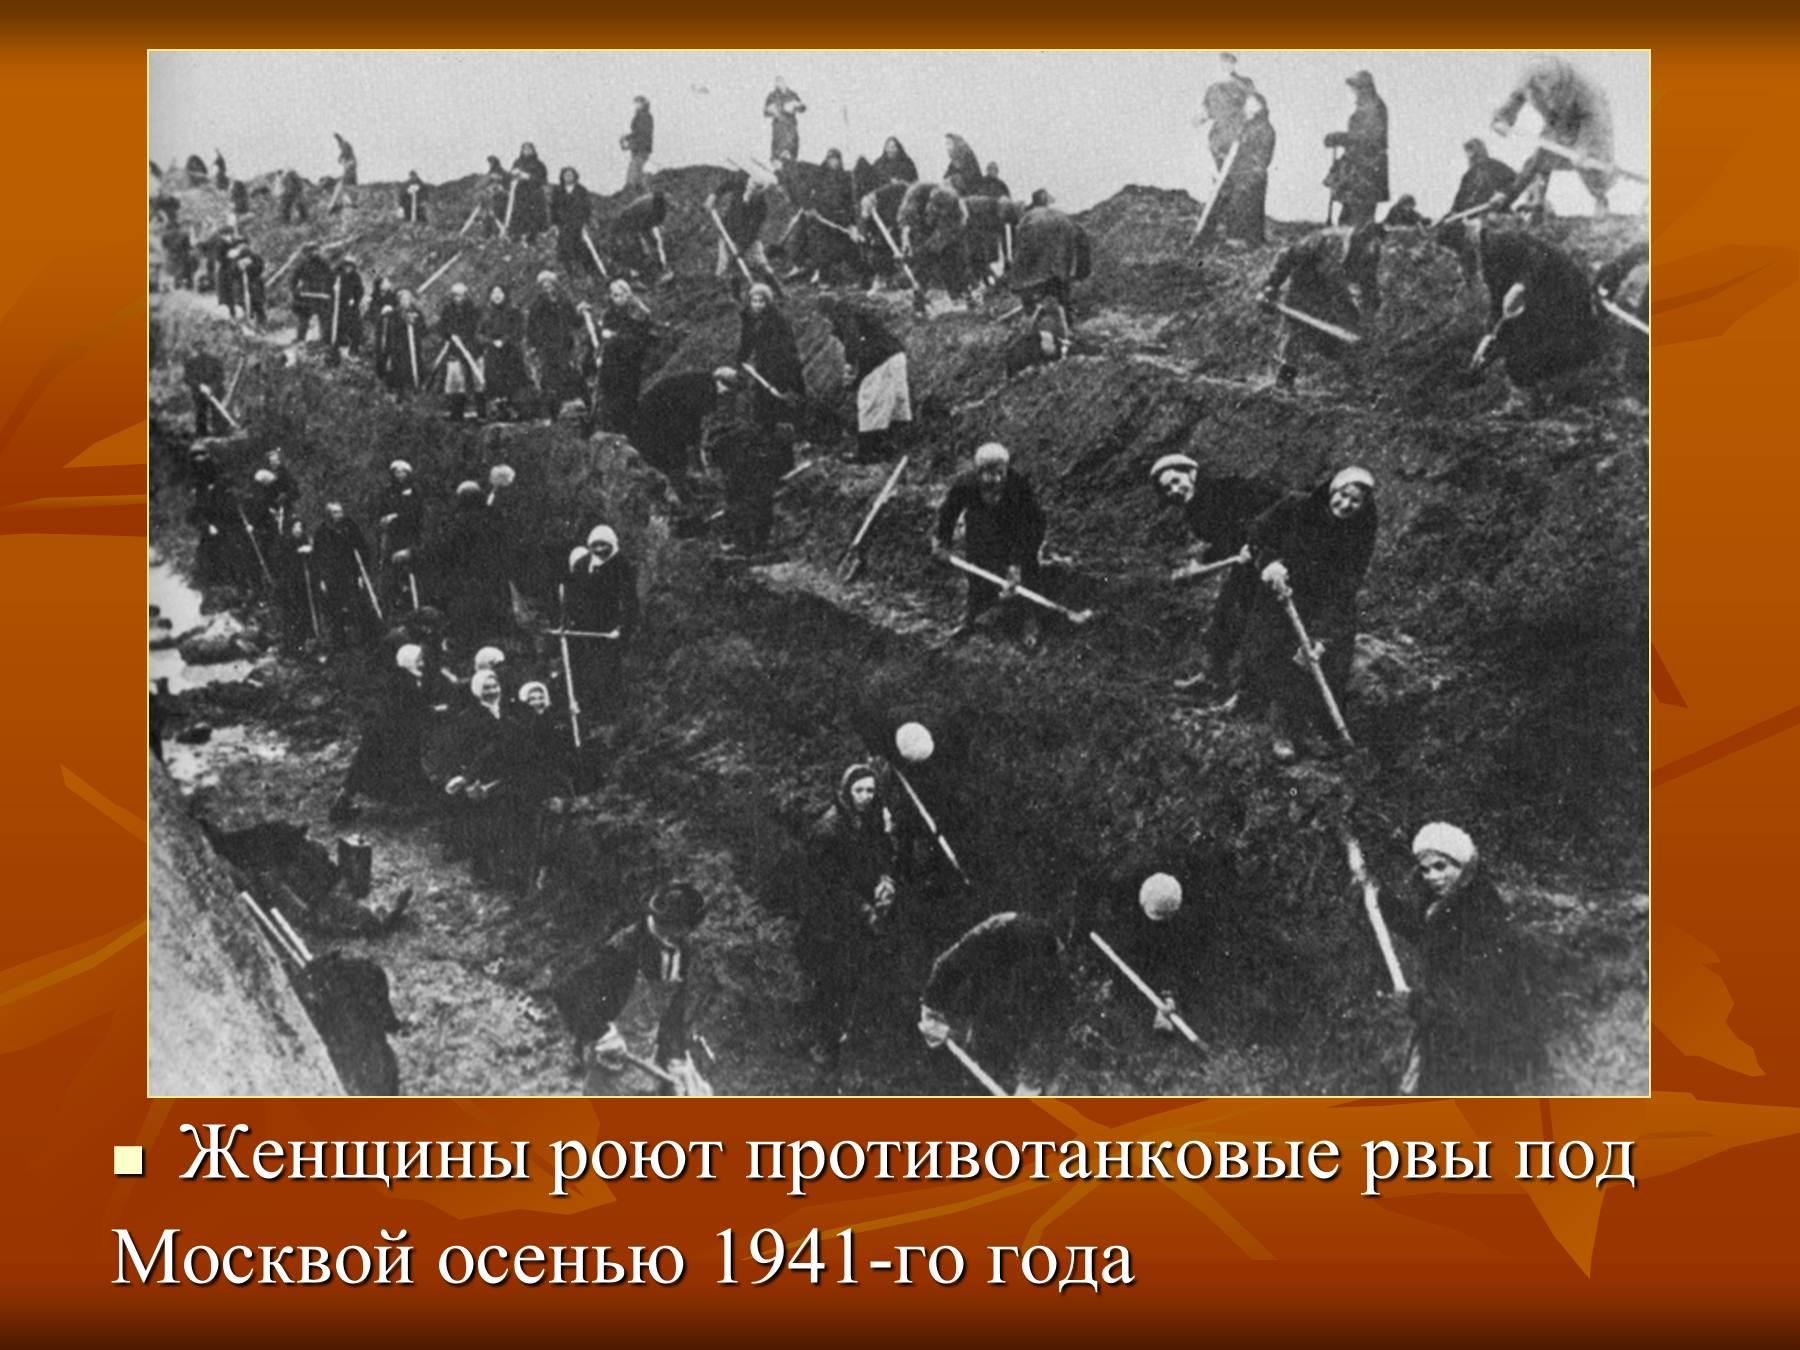 сочинение 70 лет битвы под москвой